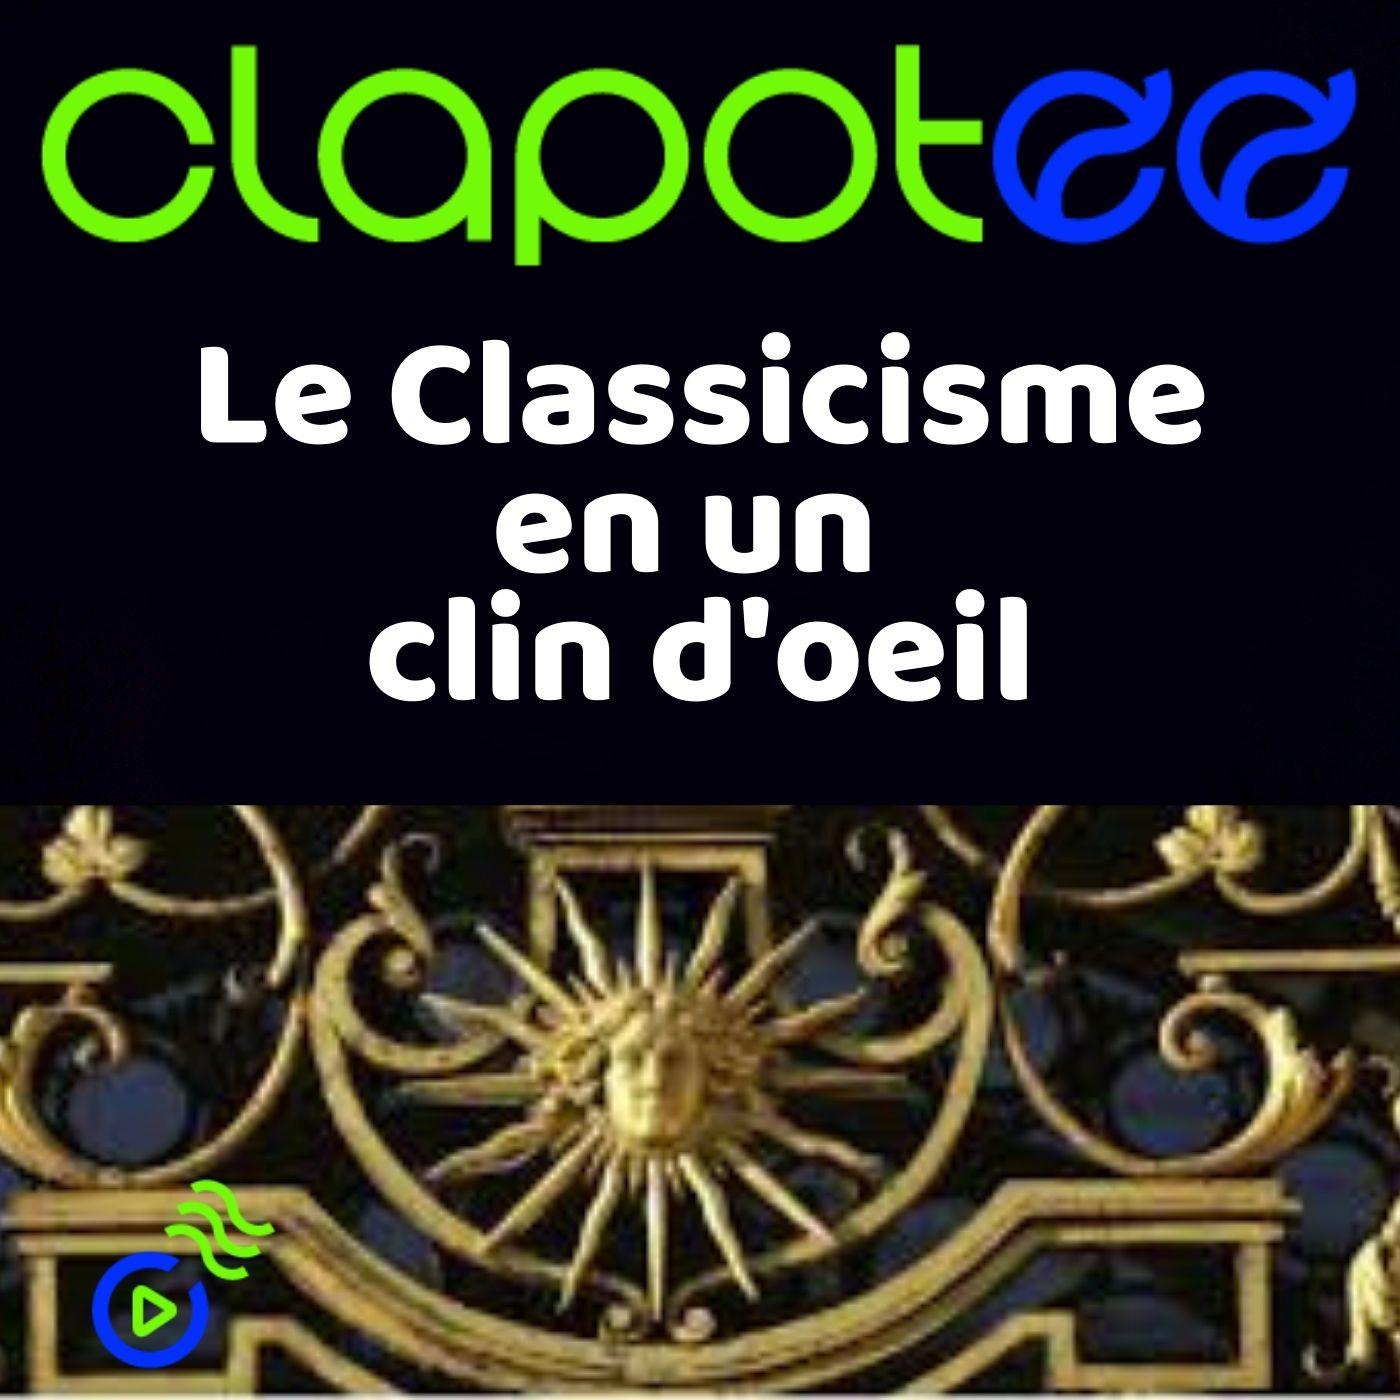 Le Classicisme en un clin d'œil !